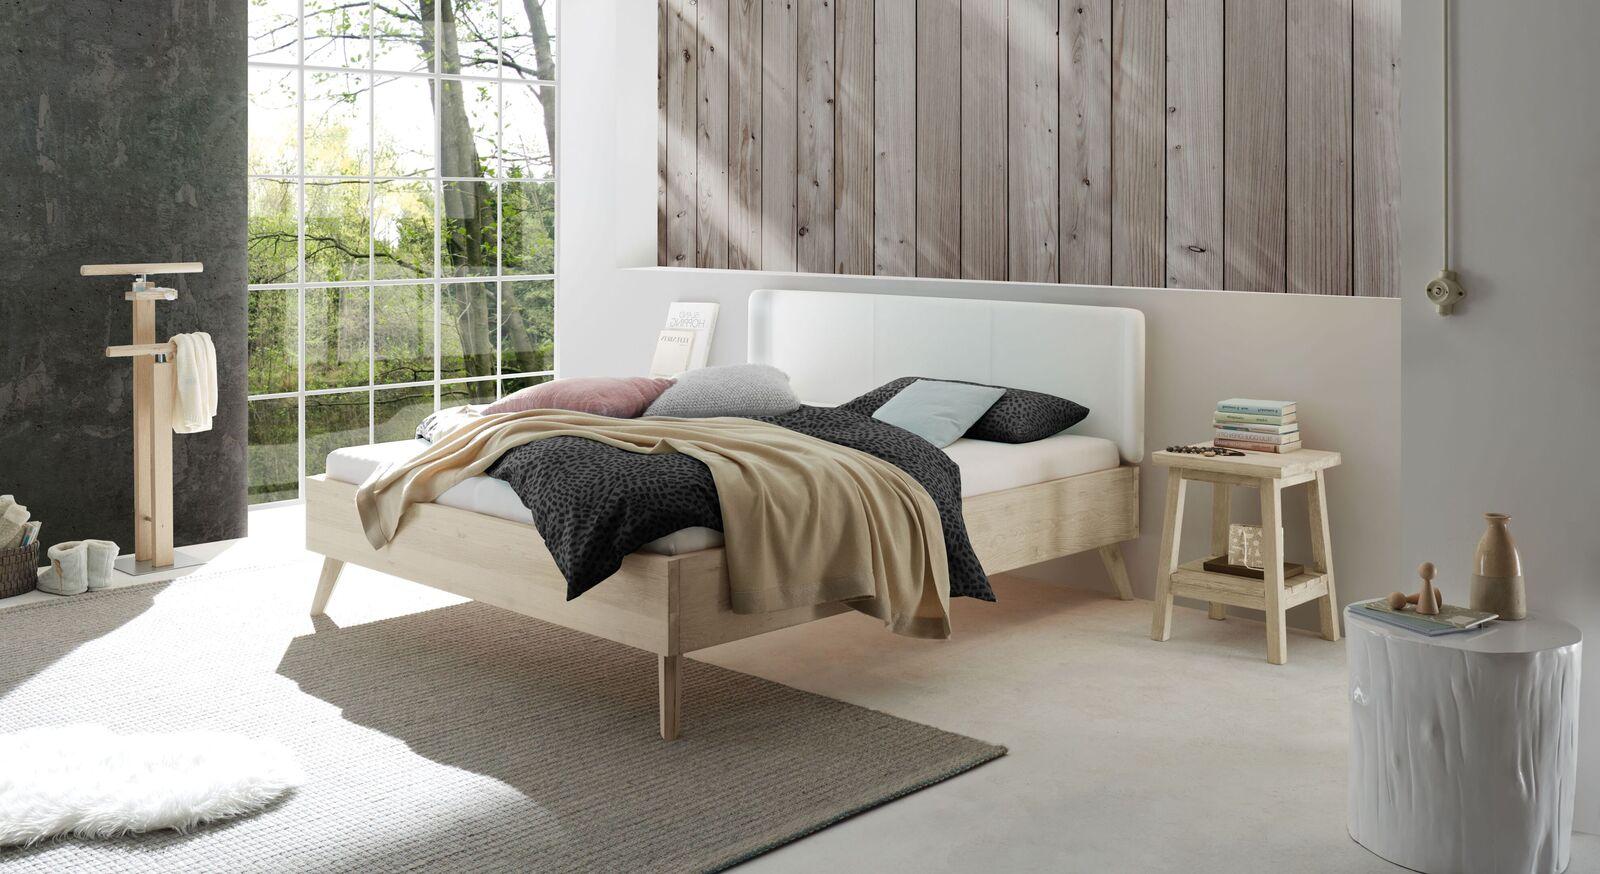 Passende Schlafzimmer-Möbel zum Bett Elvinar